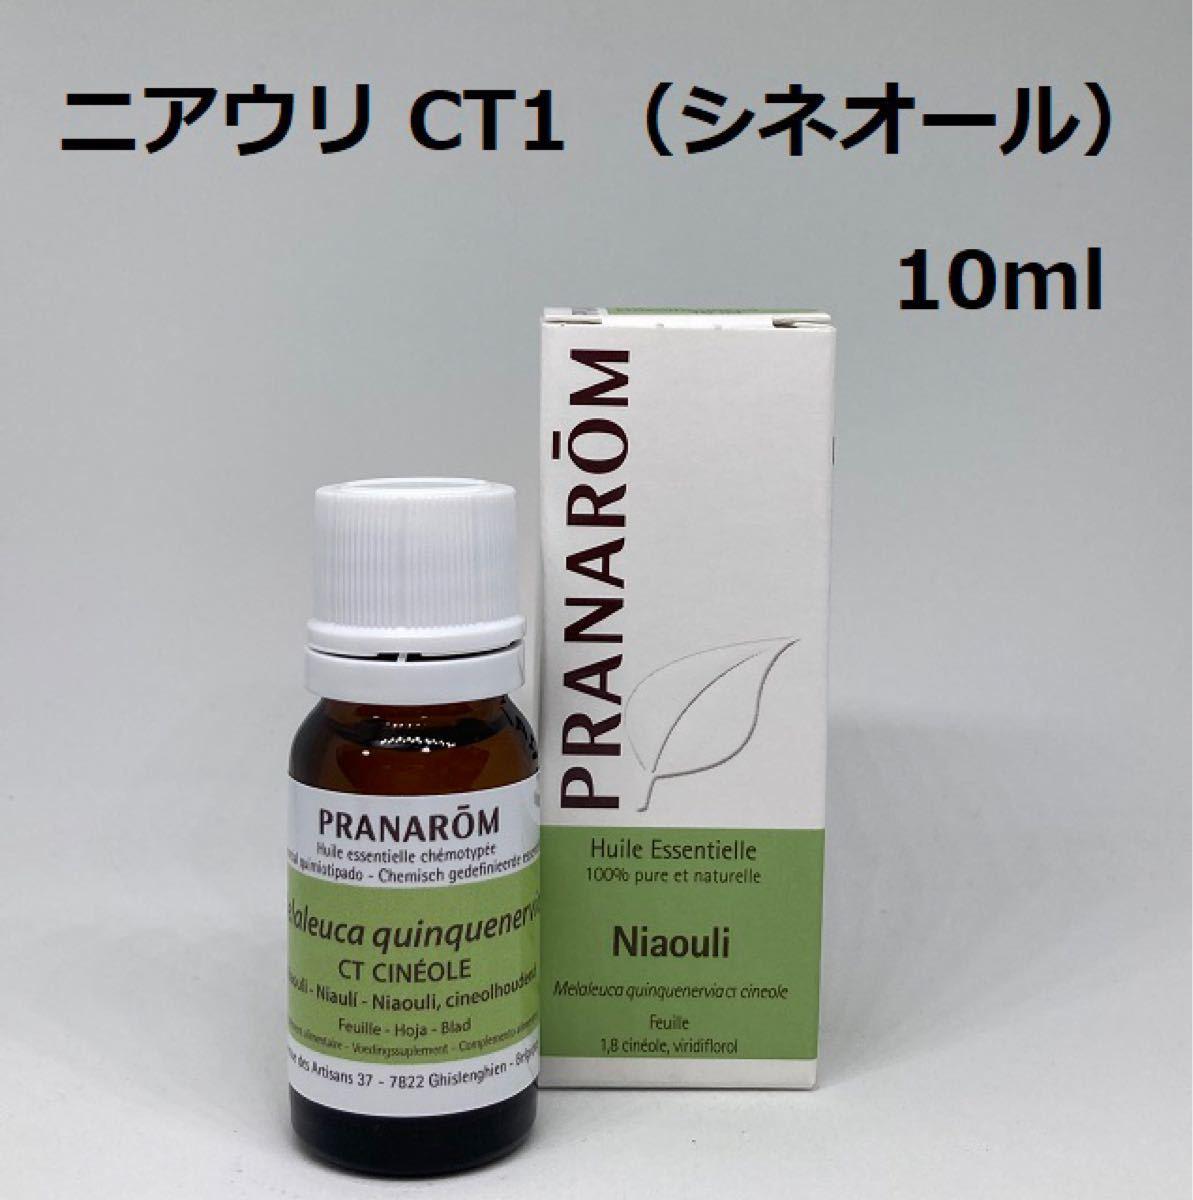 プラナロム ニアウリ CT1(シネオール) 10ml 精油 PRANAROM